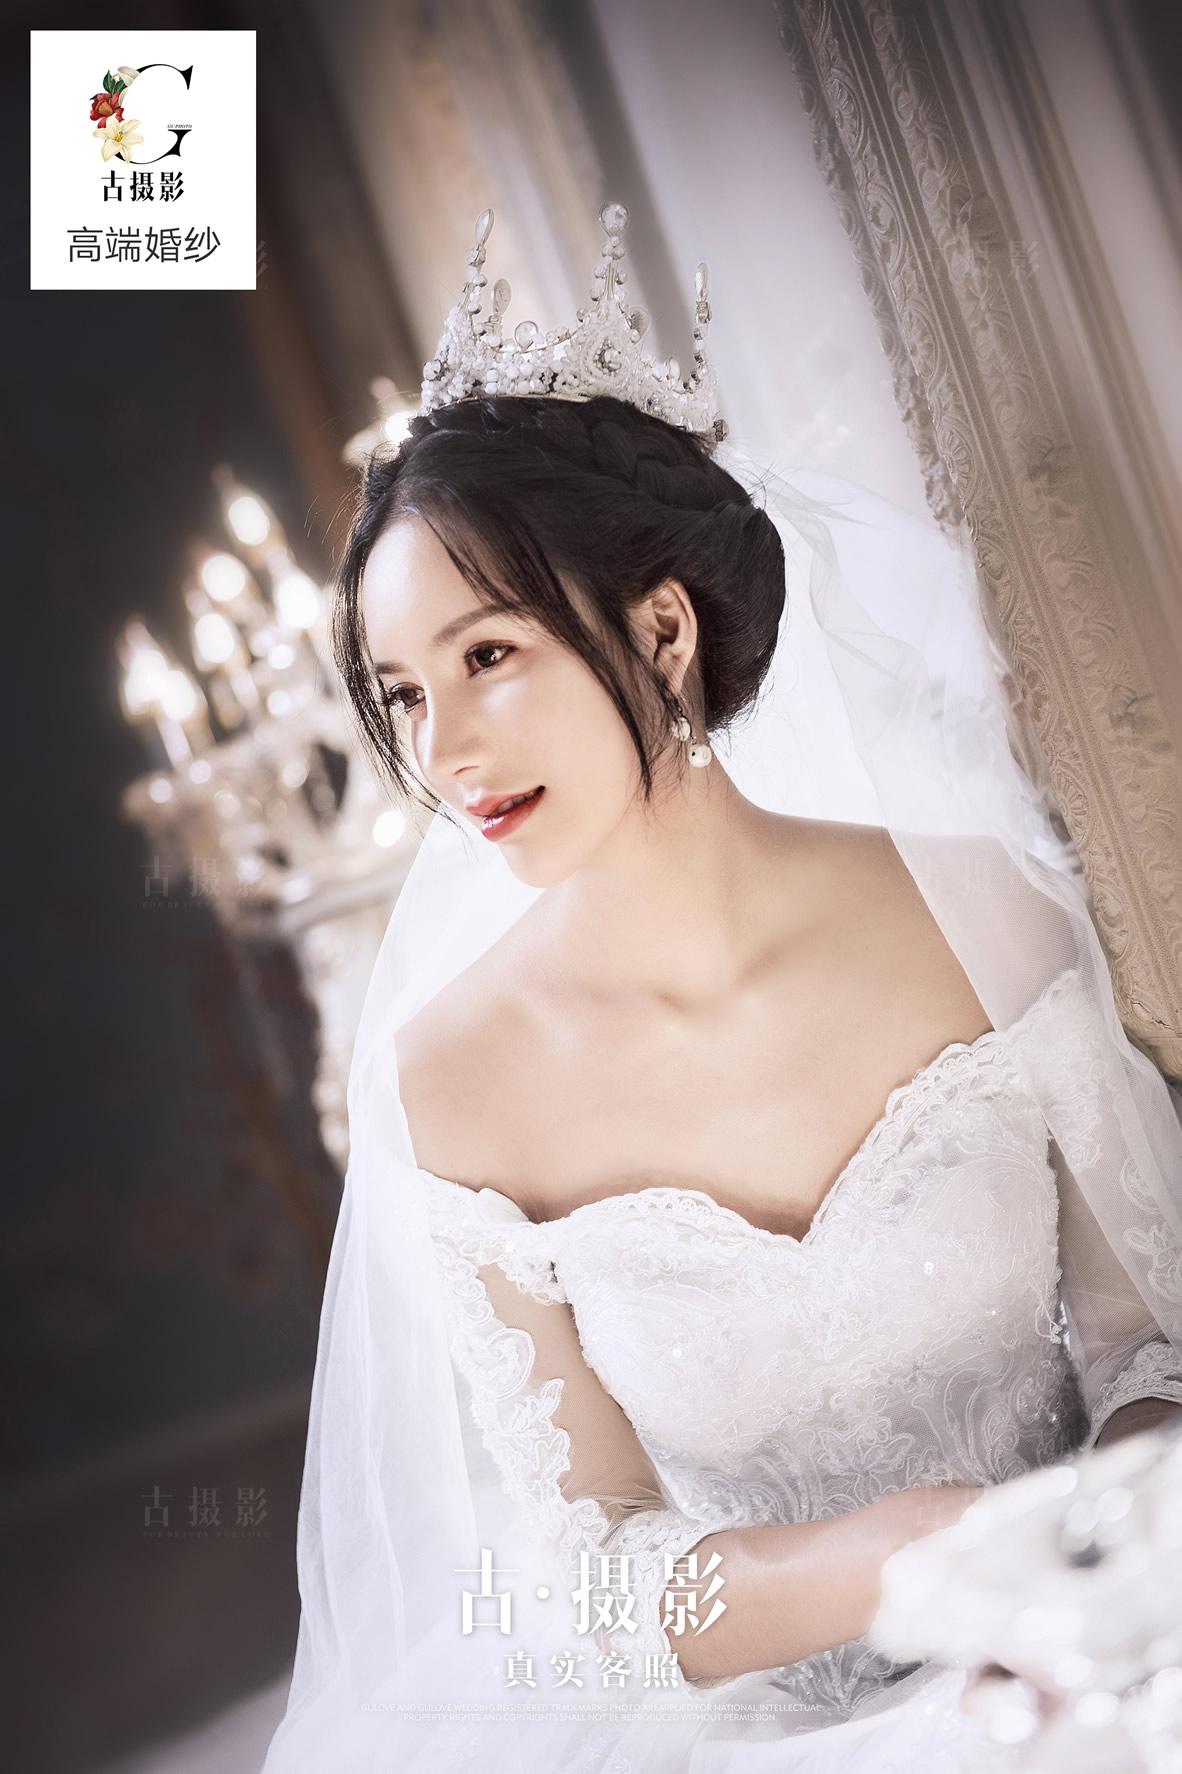 3月11日客片宁小姐 - 每日客照 - 古摄影婚纱艺术-古摄影成都婚纱摄影艺术摄影网